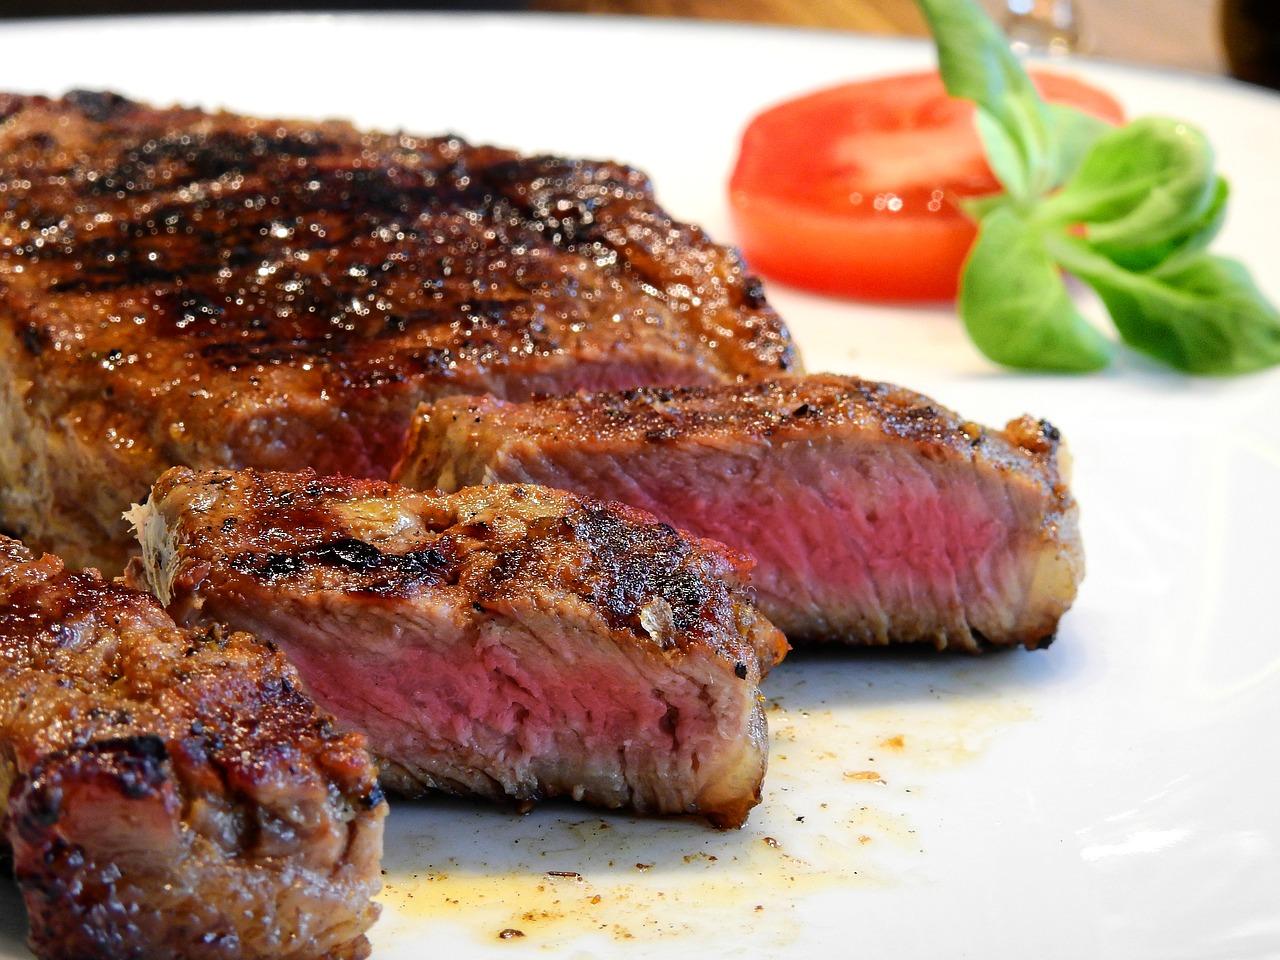 沖繩-美食-推薦-必吃-Okinawa-food-餐廳-沖繩牛肉